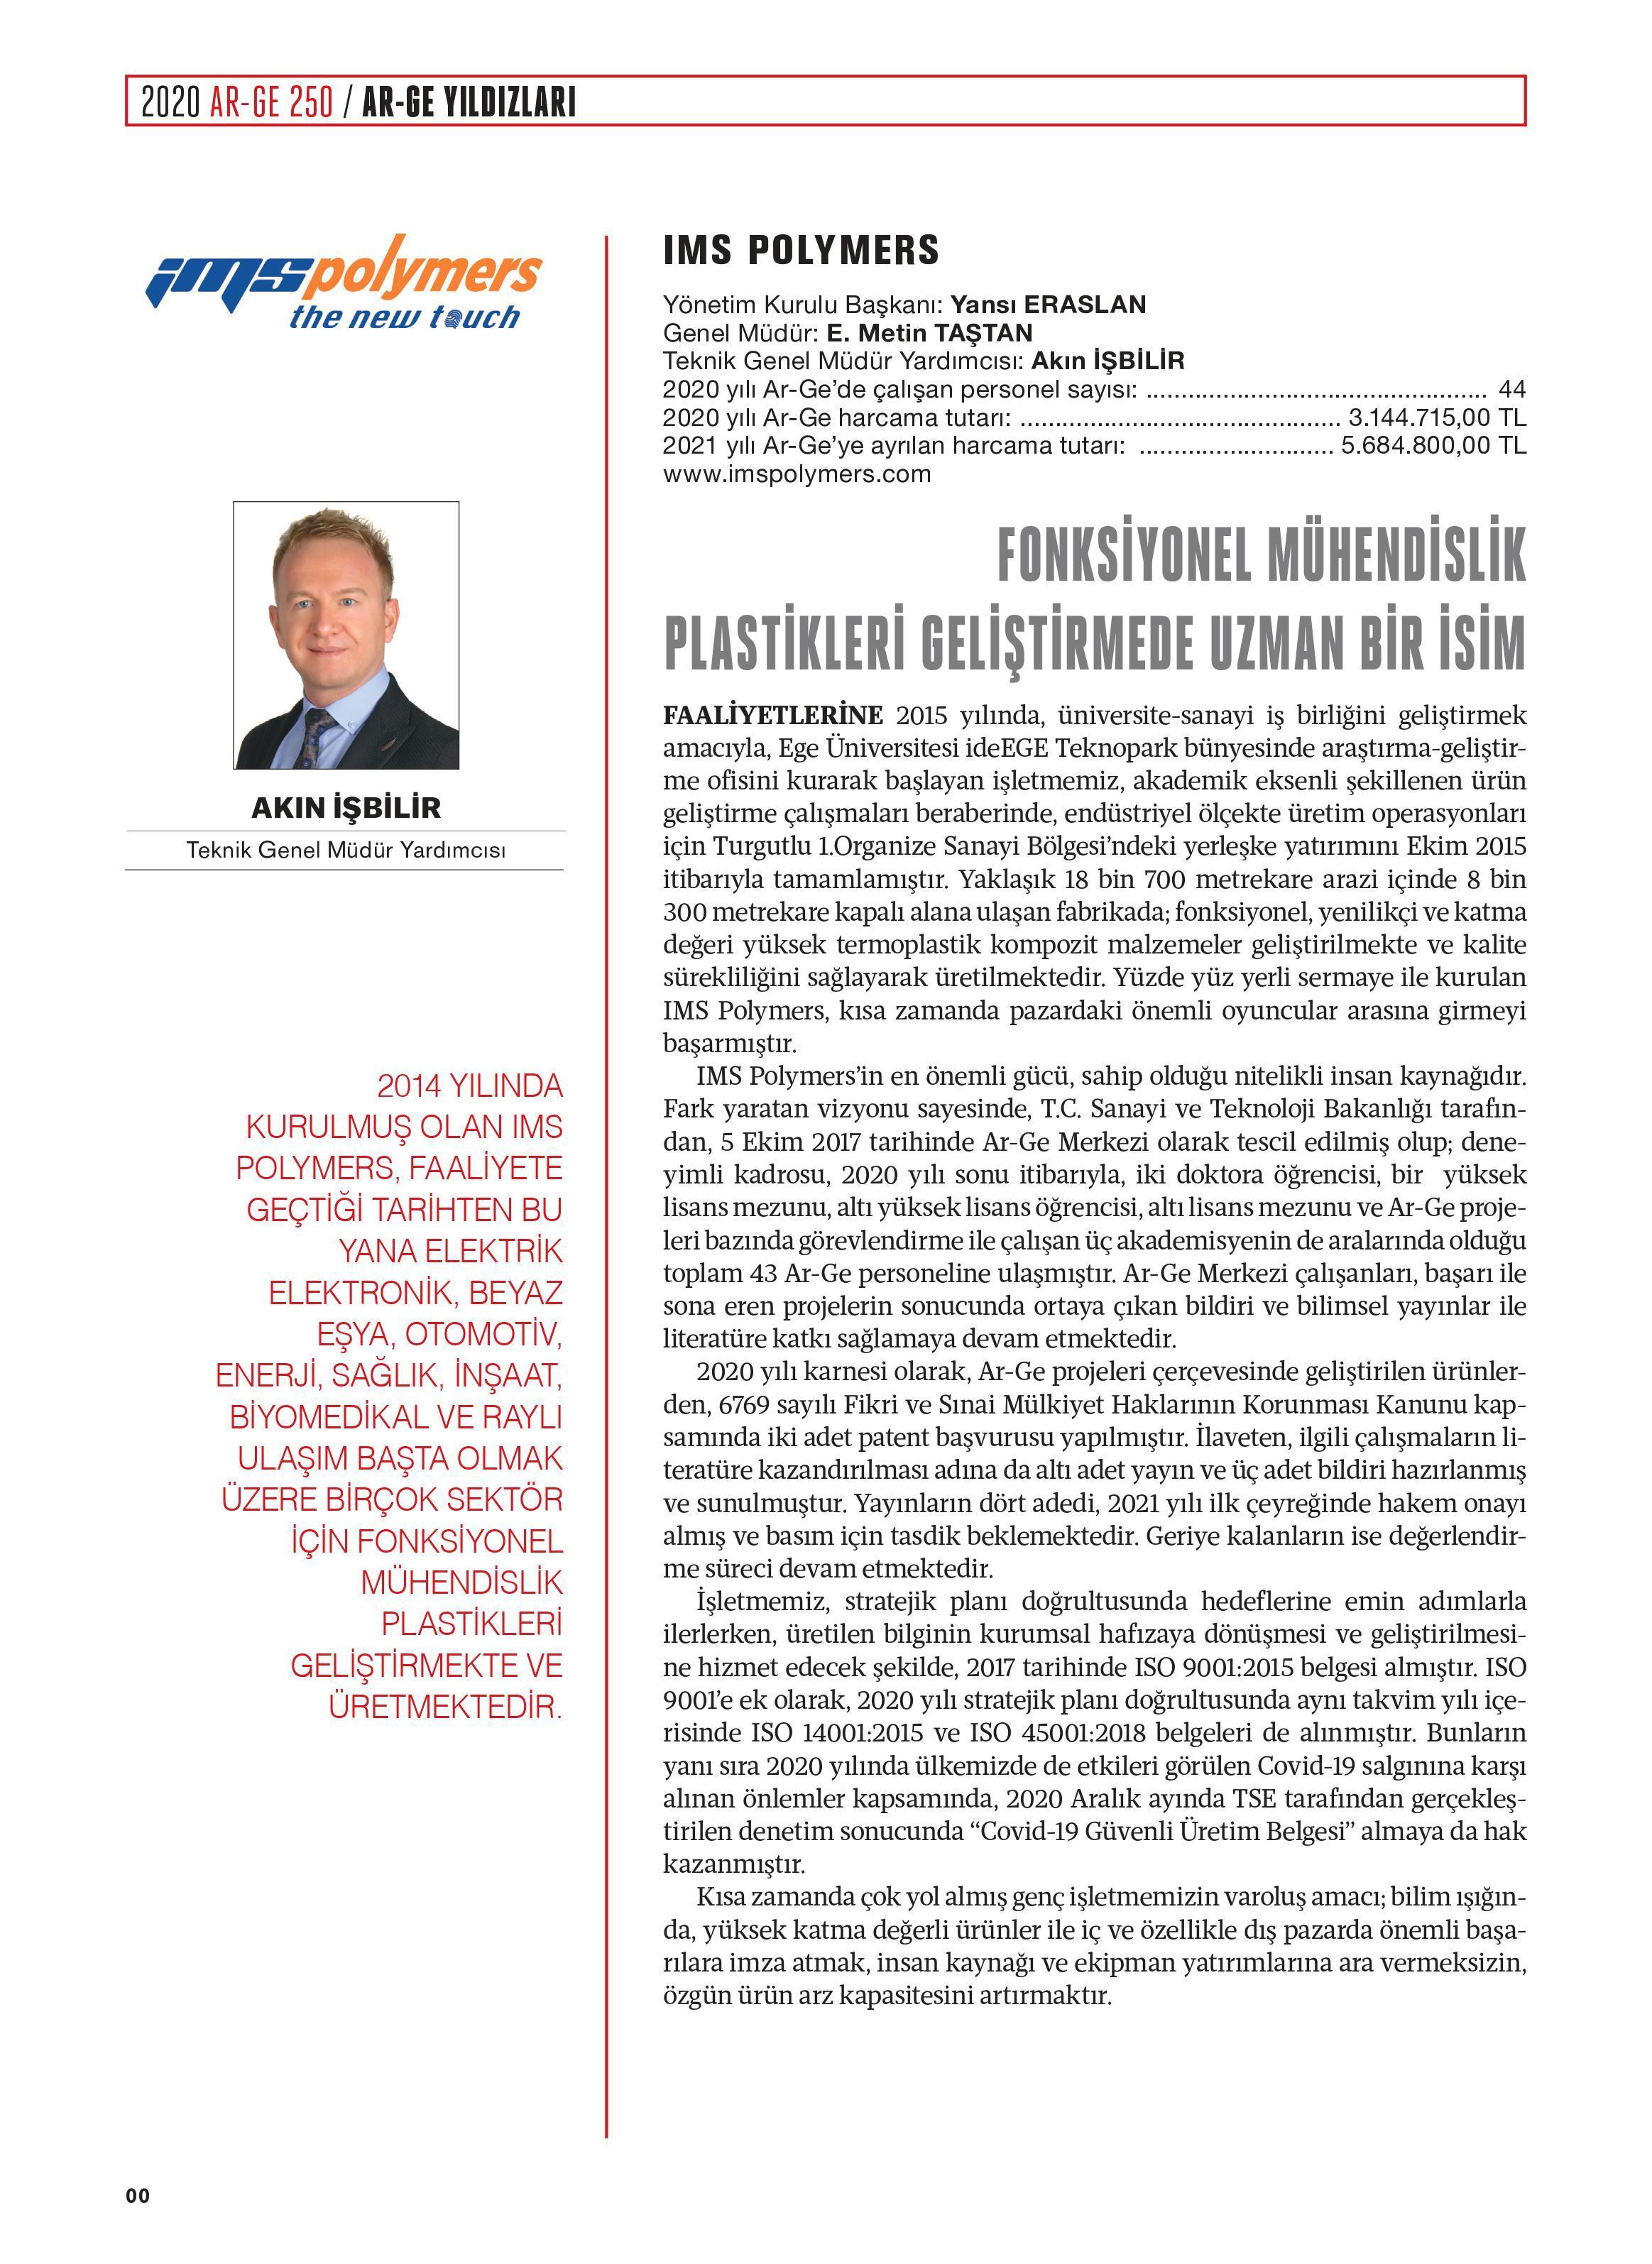 Turkishtime Dergisi'nin Gerçekleştirmiş Olduğu Türkiye Ar-Ge 250 Araştırmasının Sonuçlarına Göre Firmamız 403.Sırada Yer Aldı